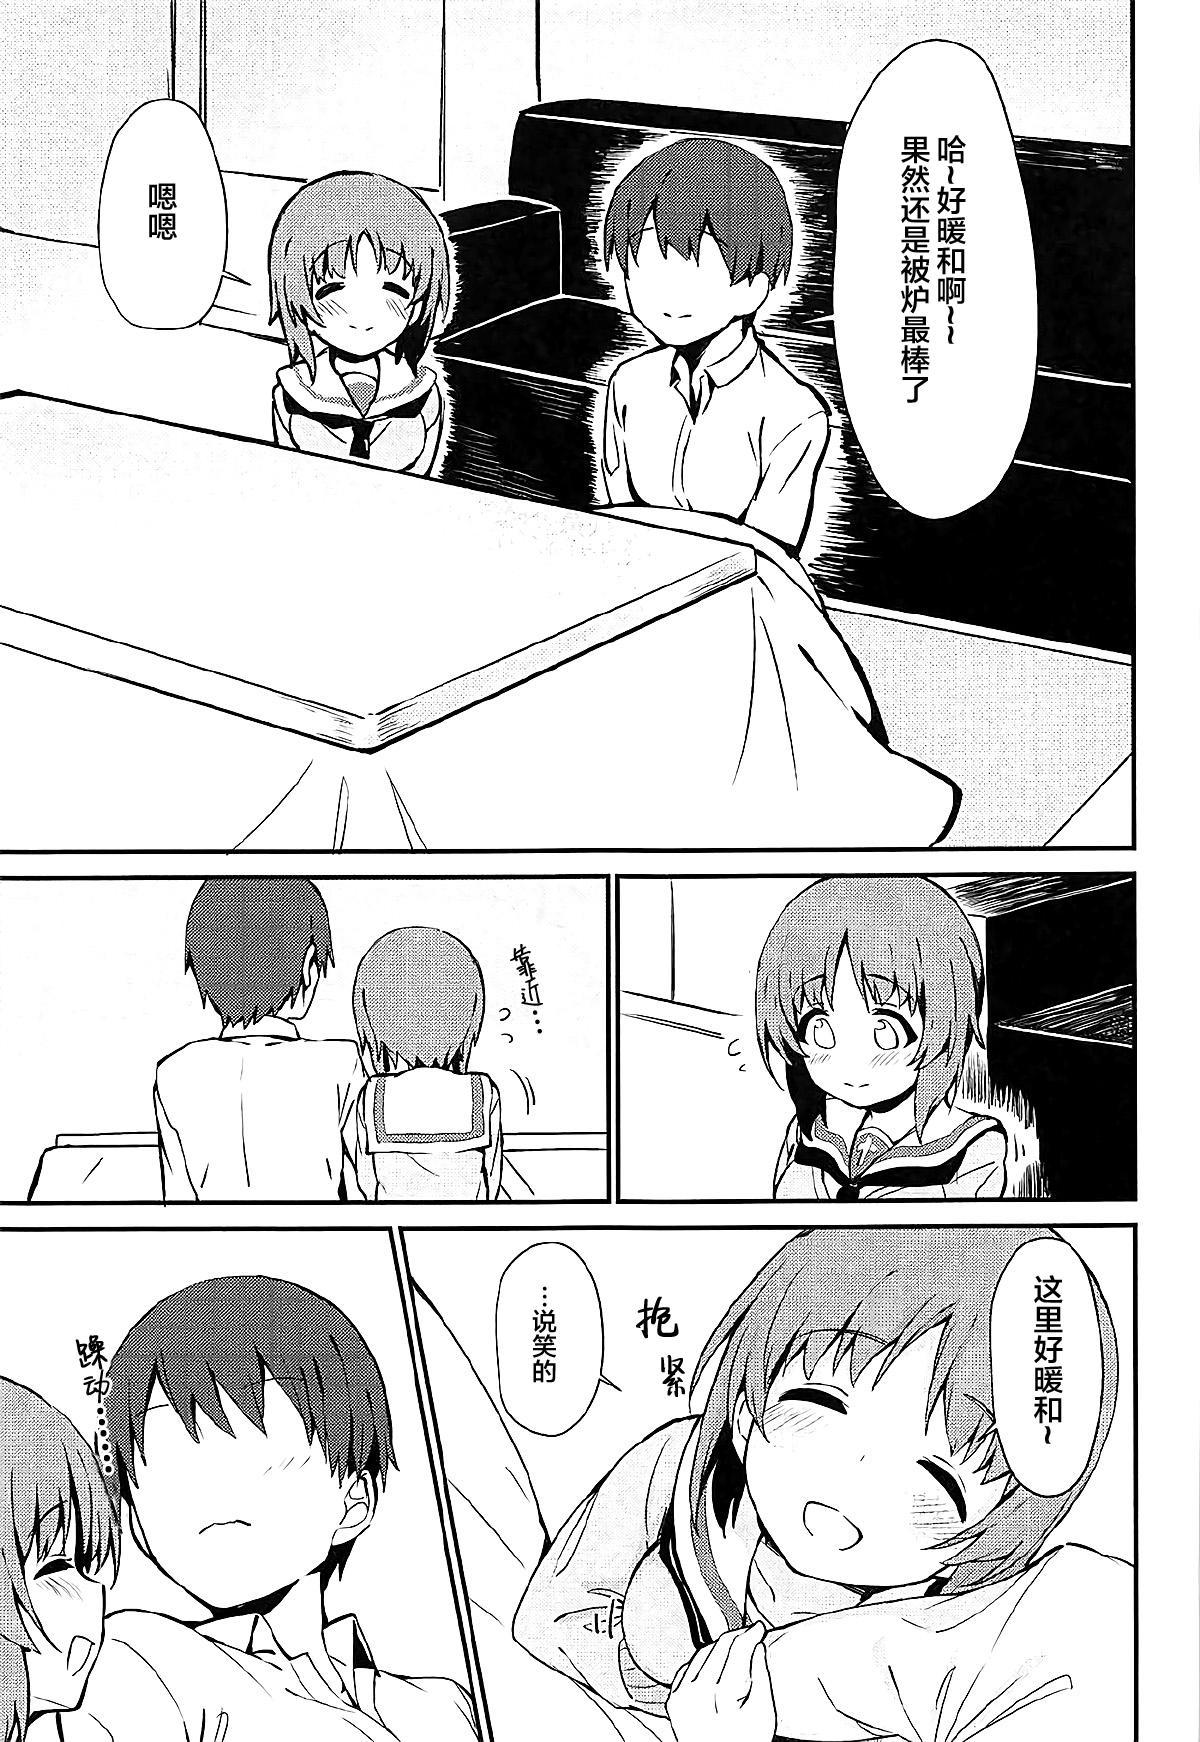 Miporin to Icha Love Ecchi suru Hon 4